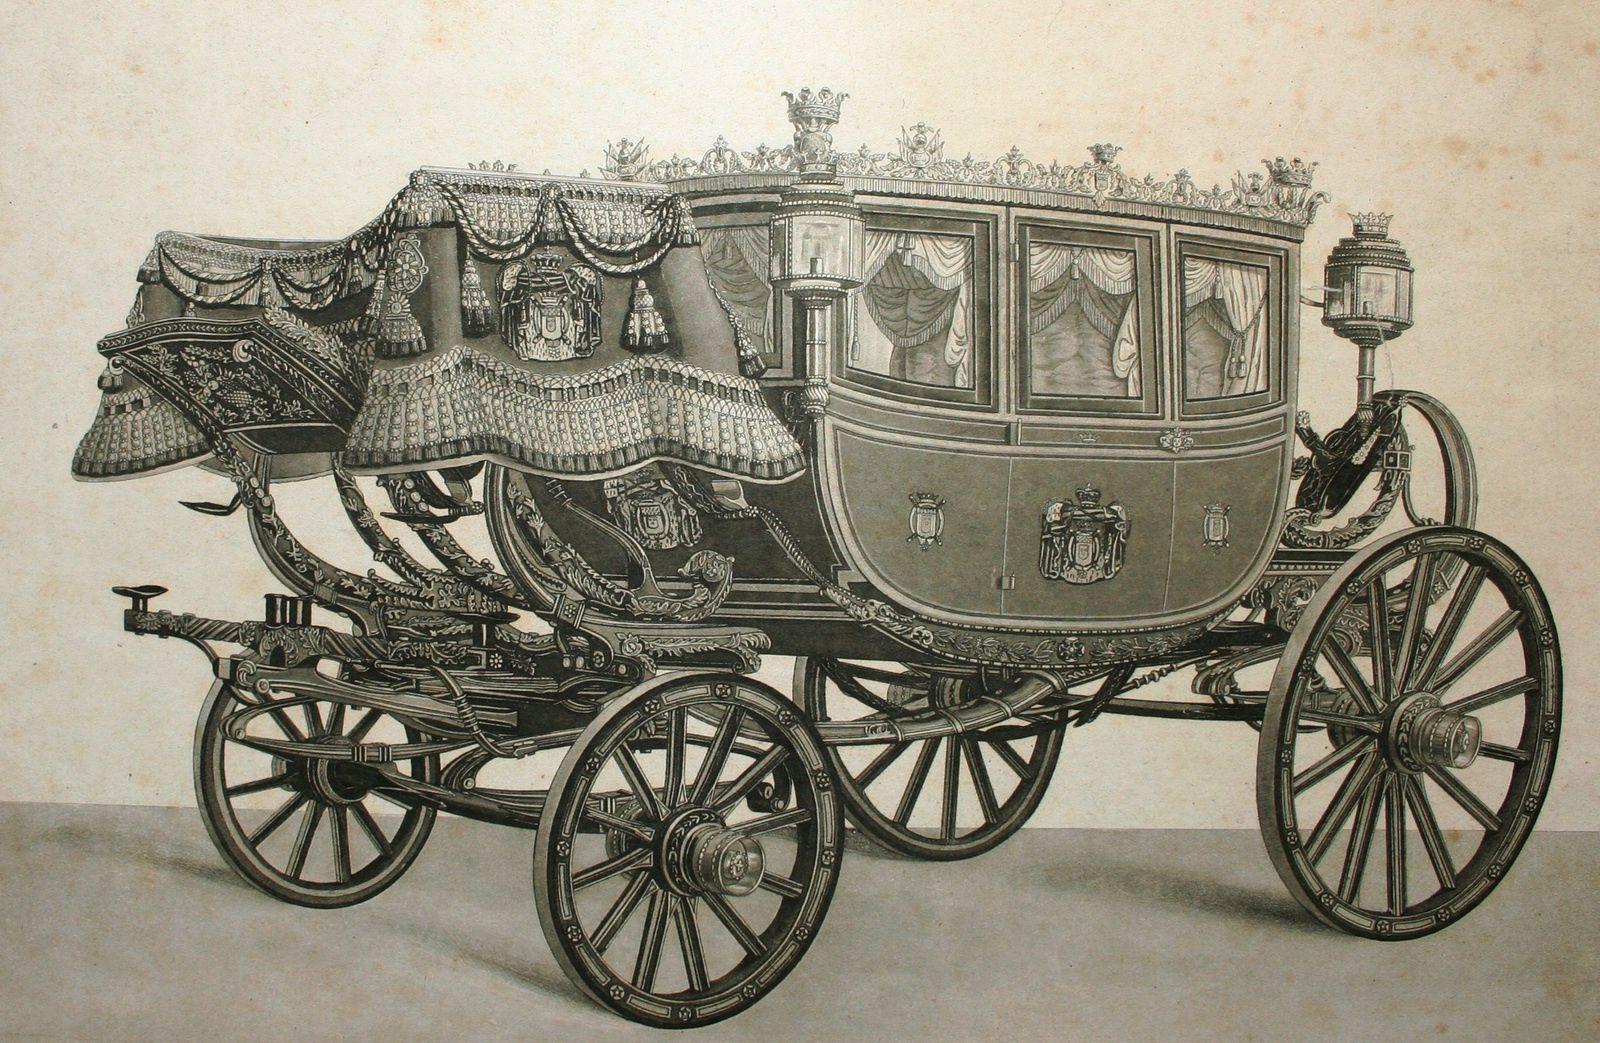 Berline de gala de Daldringen et Mathey utilisée à Londres en 1838 par le Maréchal Soult pour le couronnement de la reine Victoria (héliogravure, Faverot de Kerbrecht, L'Art de conduire et d'atteler, 1903)